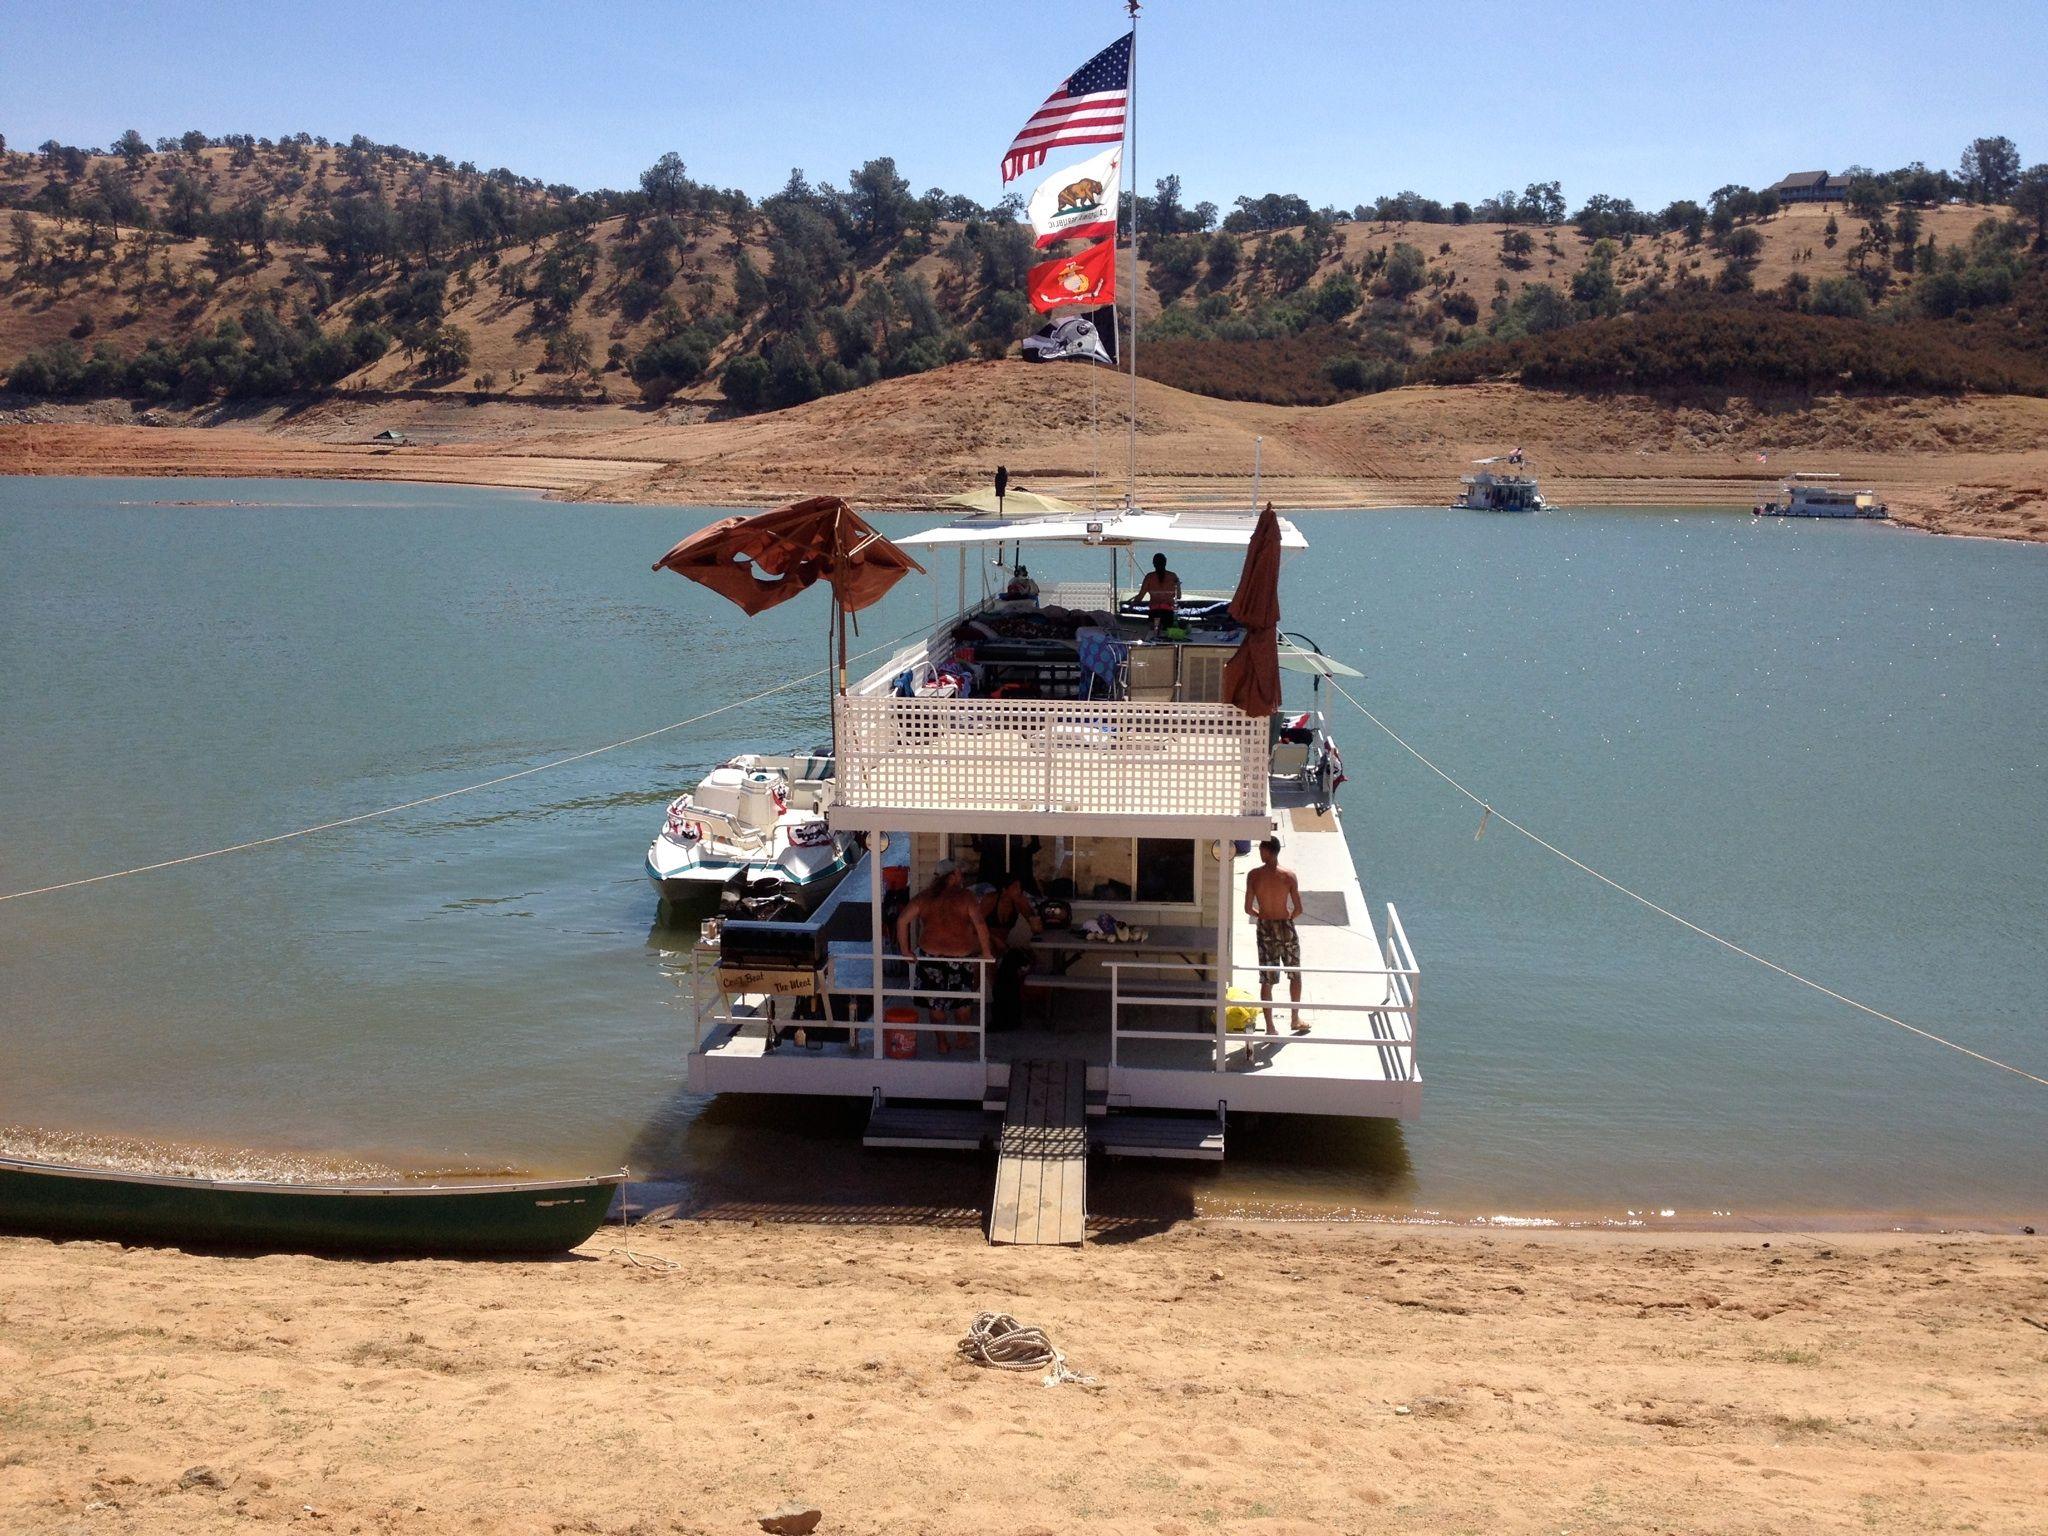 Houseboating at lake don pedro so much fun